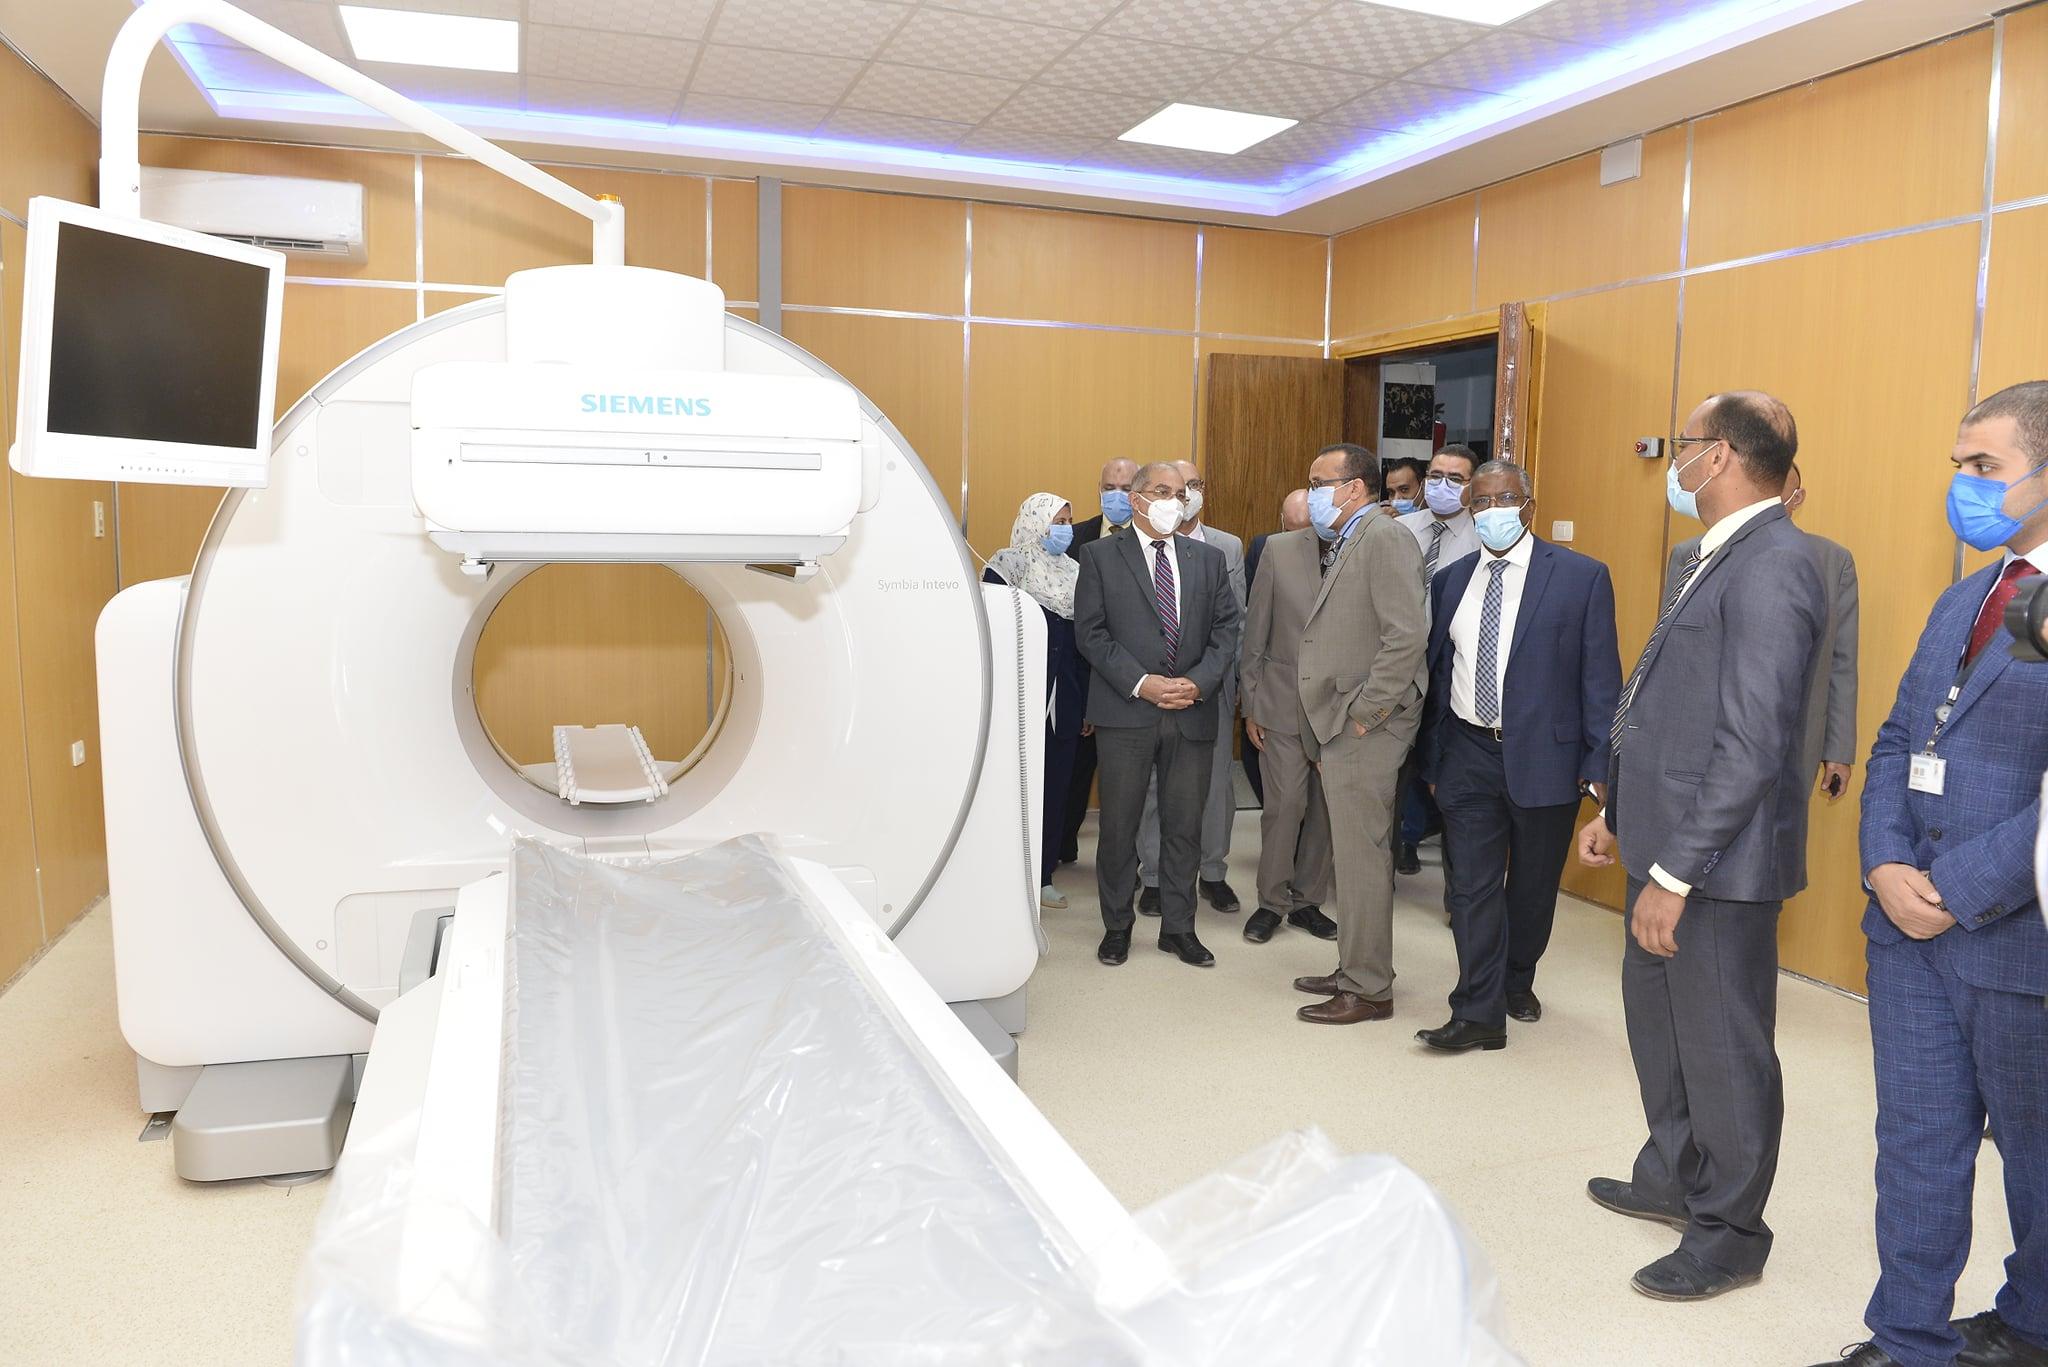 حصاد جامعة أسيوط لعام 2020.. تحقيق للإنجازات الطبية والعلمية ومواجهة كورونا